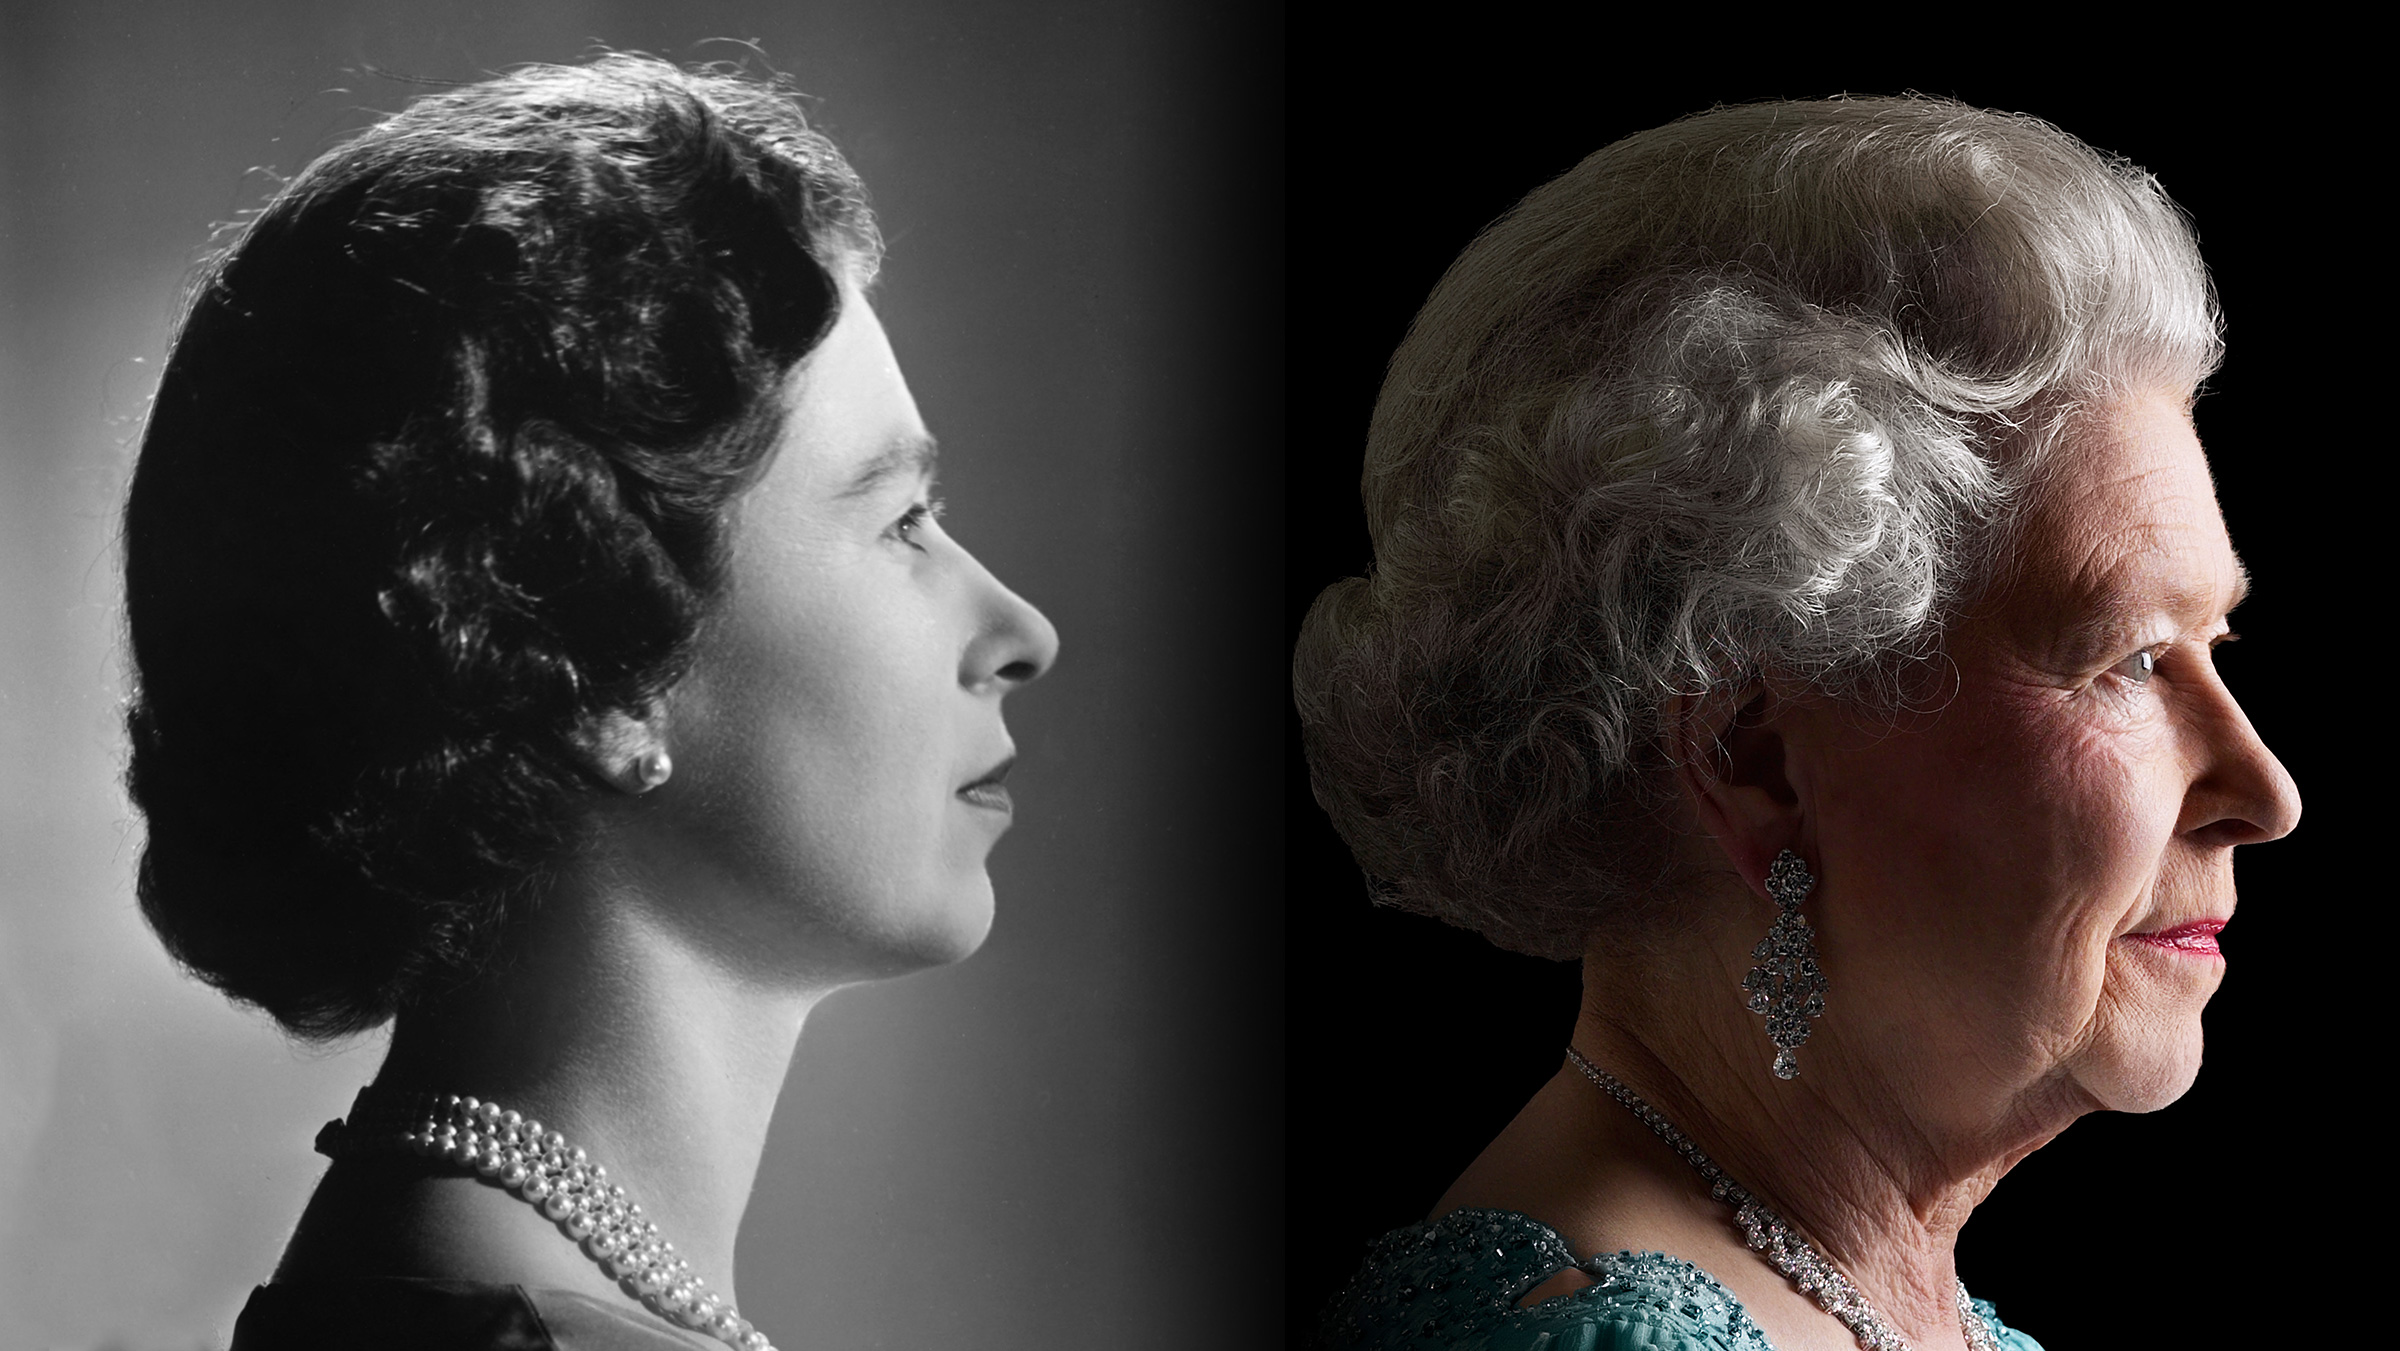 Queen Elizabeth II's Reign: Then and Now